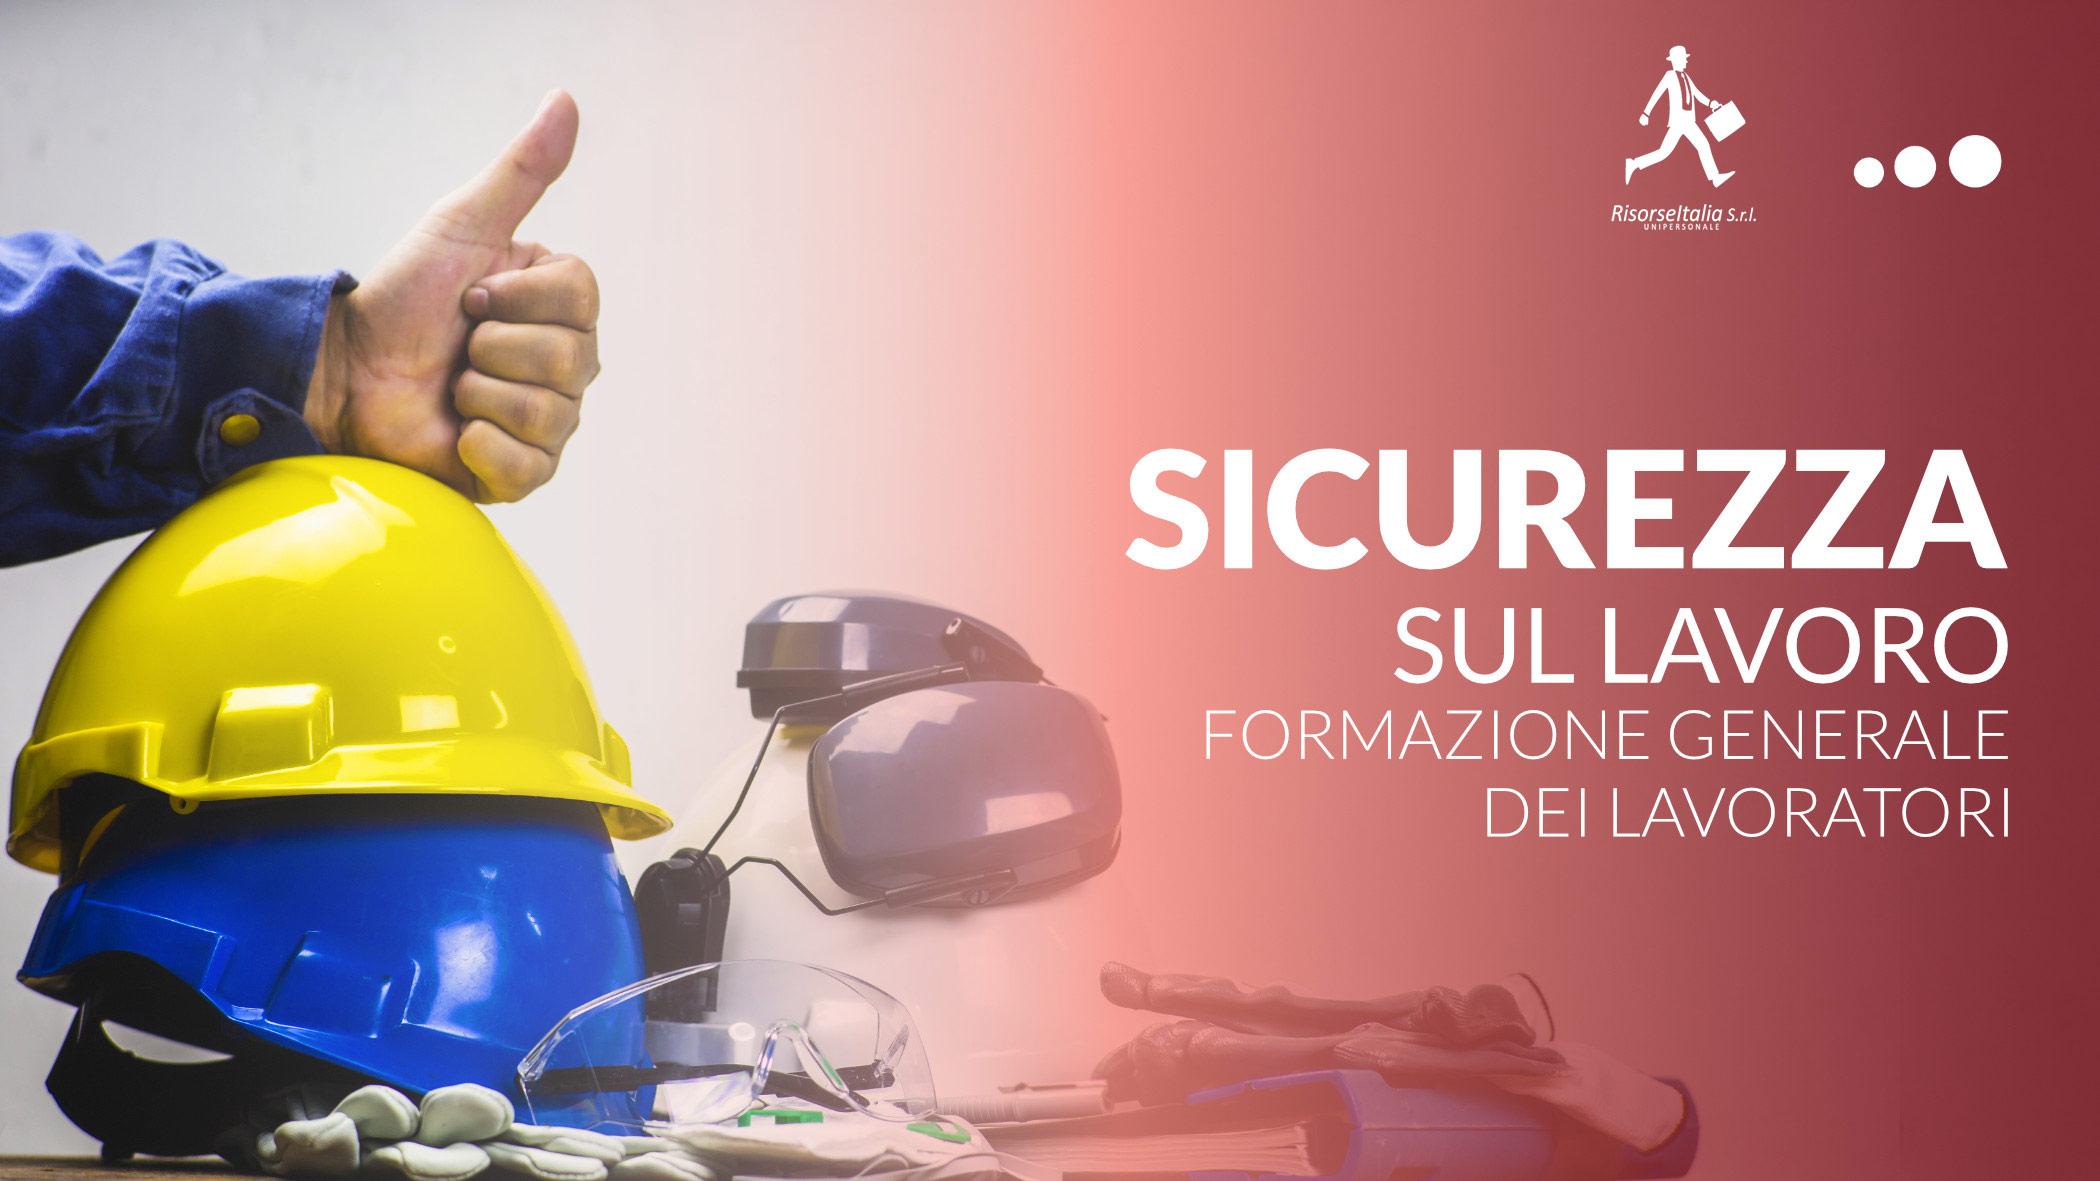 Sicurezza sul lavoro, formazione generale dei lavoratori